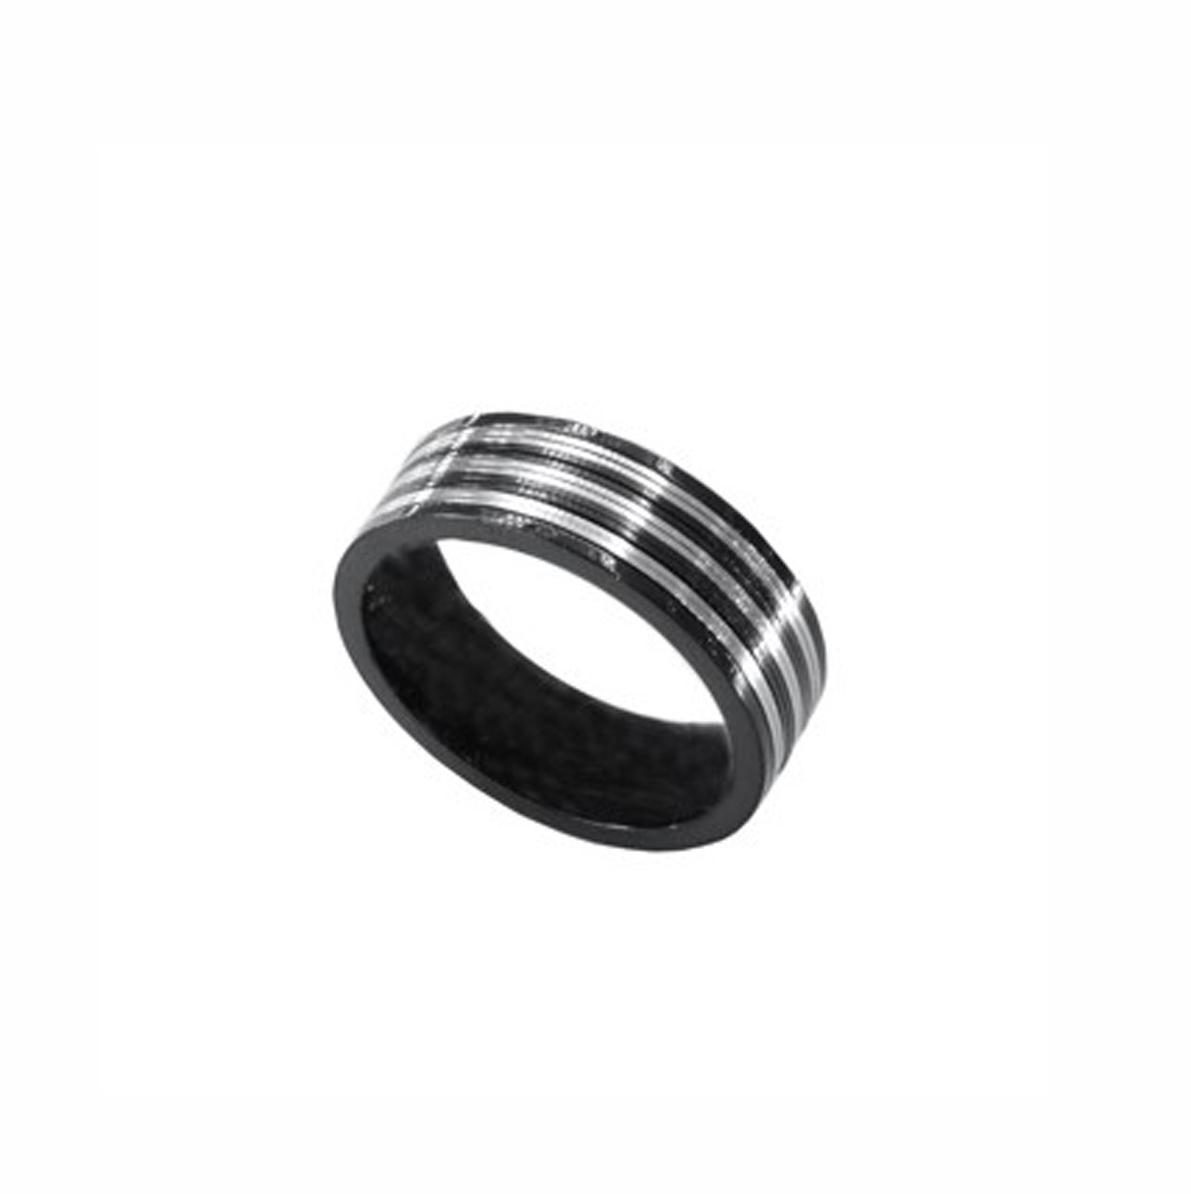 Δαχτυλίδι Ατσάλινο Μαύρο Επιπλατινωμένο ΔΟ55005